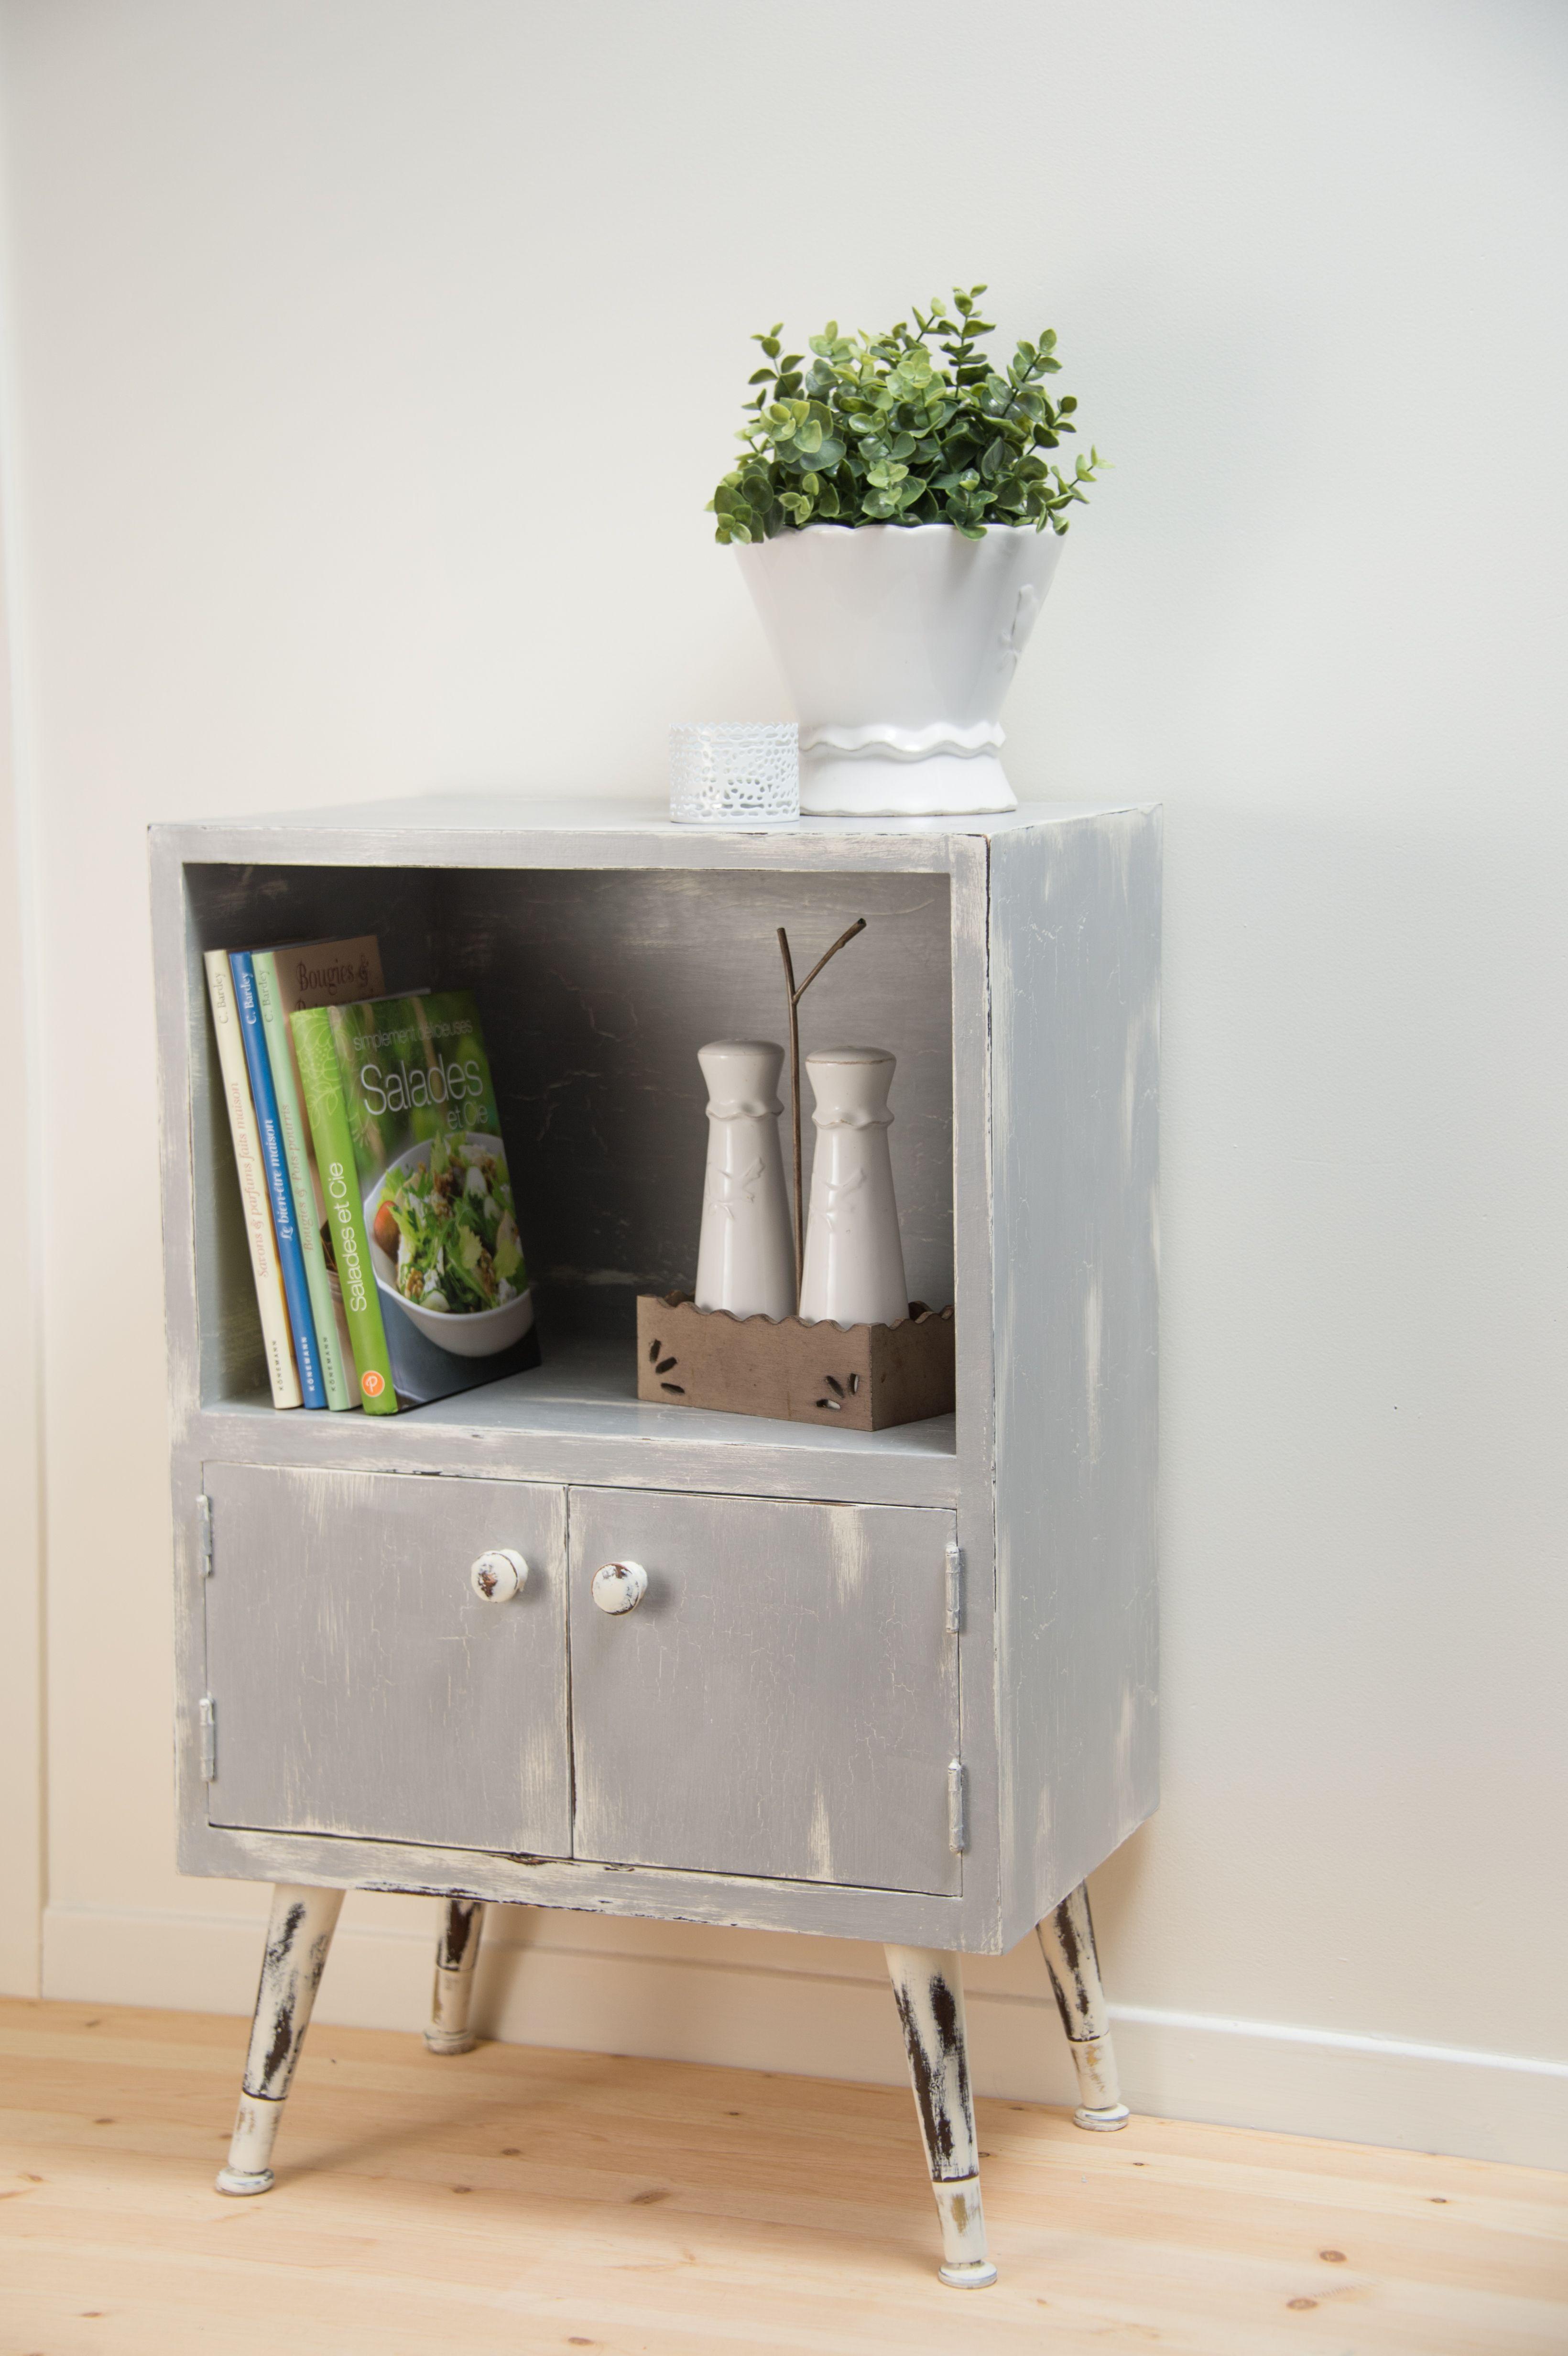 Petit meuble moderne revaloris avec la peinture chalk paint de annie sloan r aliser par natacha for Petit meuble moderne